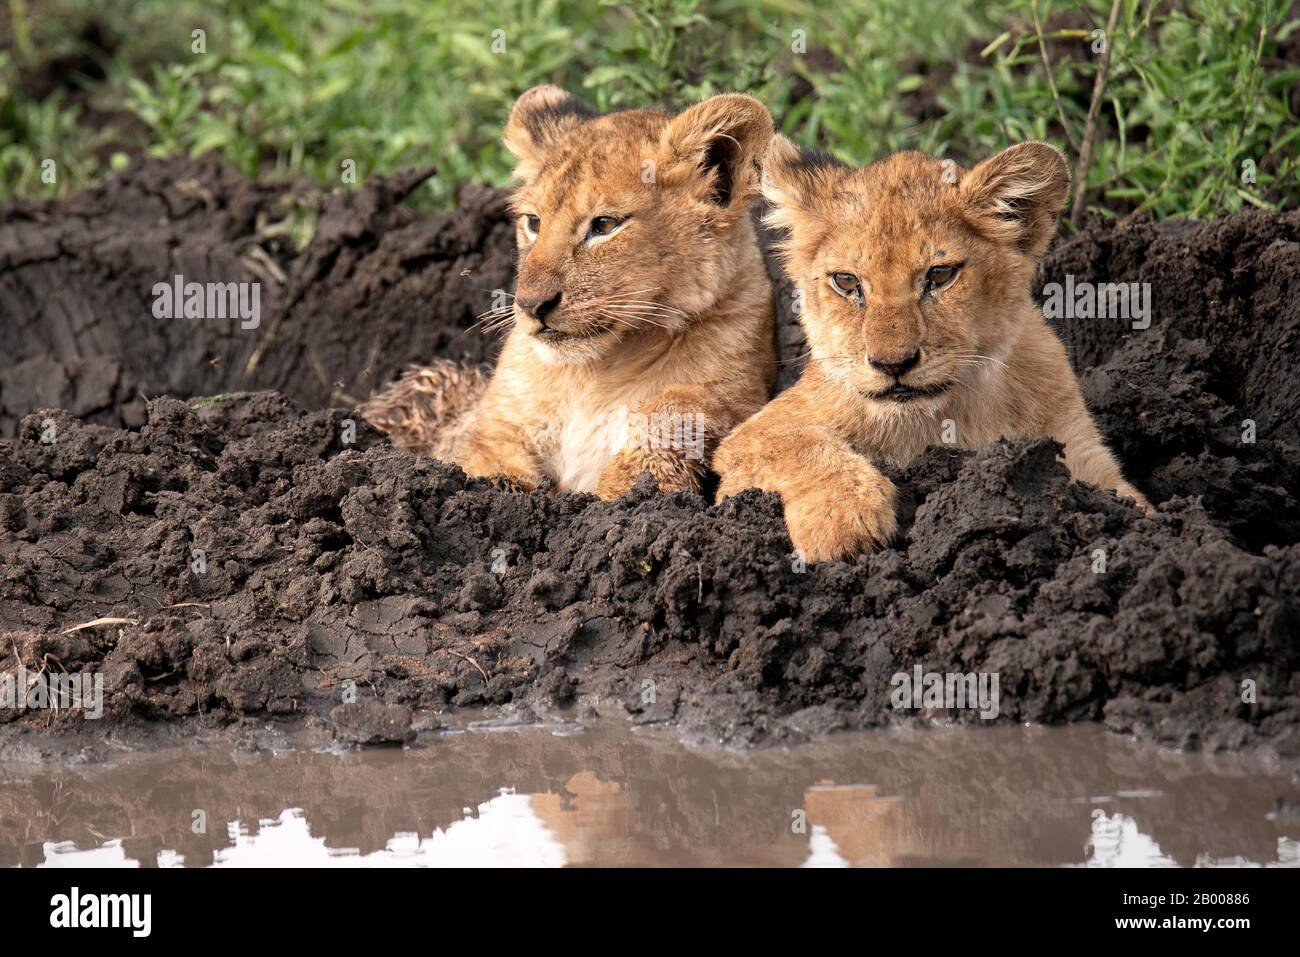 Lion cubs che posano per la loro foto, solo troppo carino per le parole Foto Stock